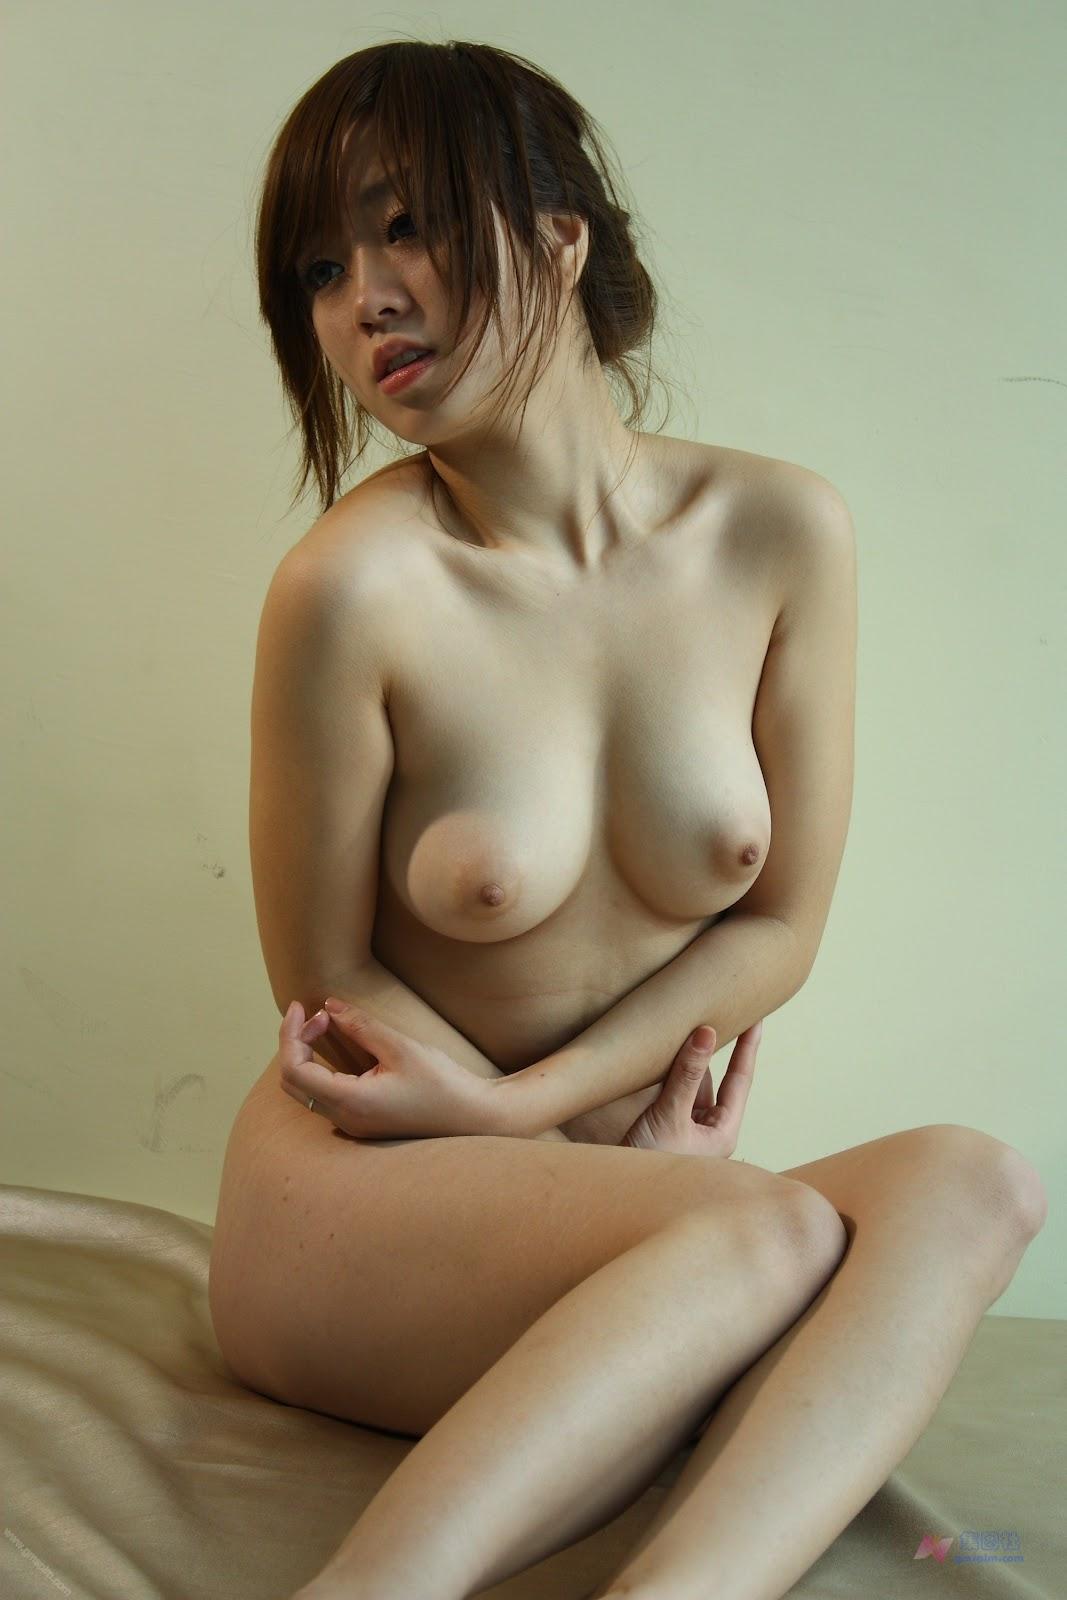 Rachelle Short Playboy Model